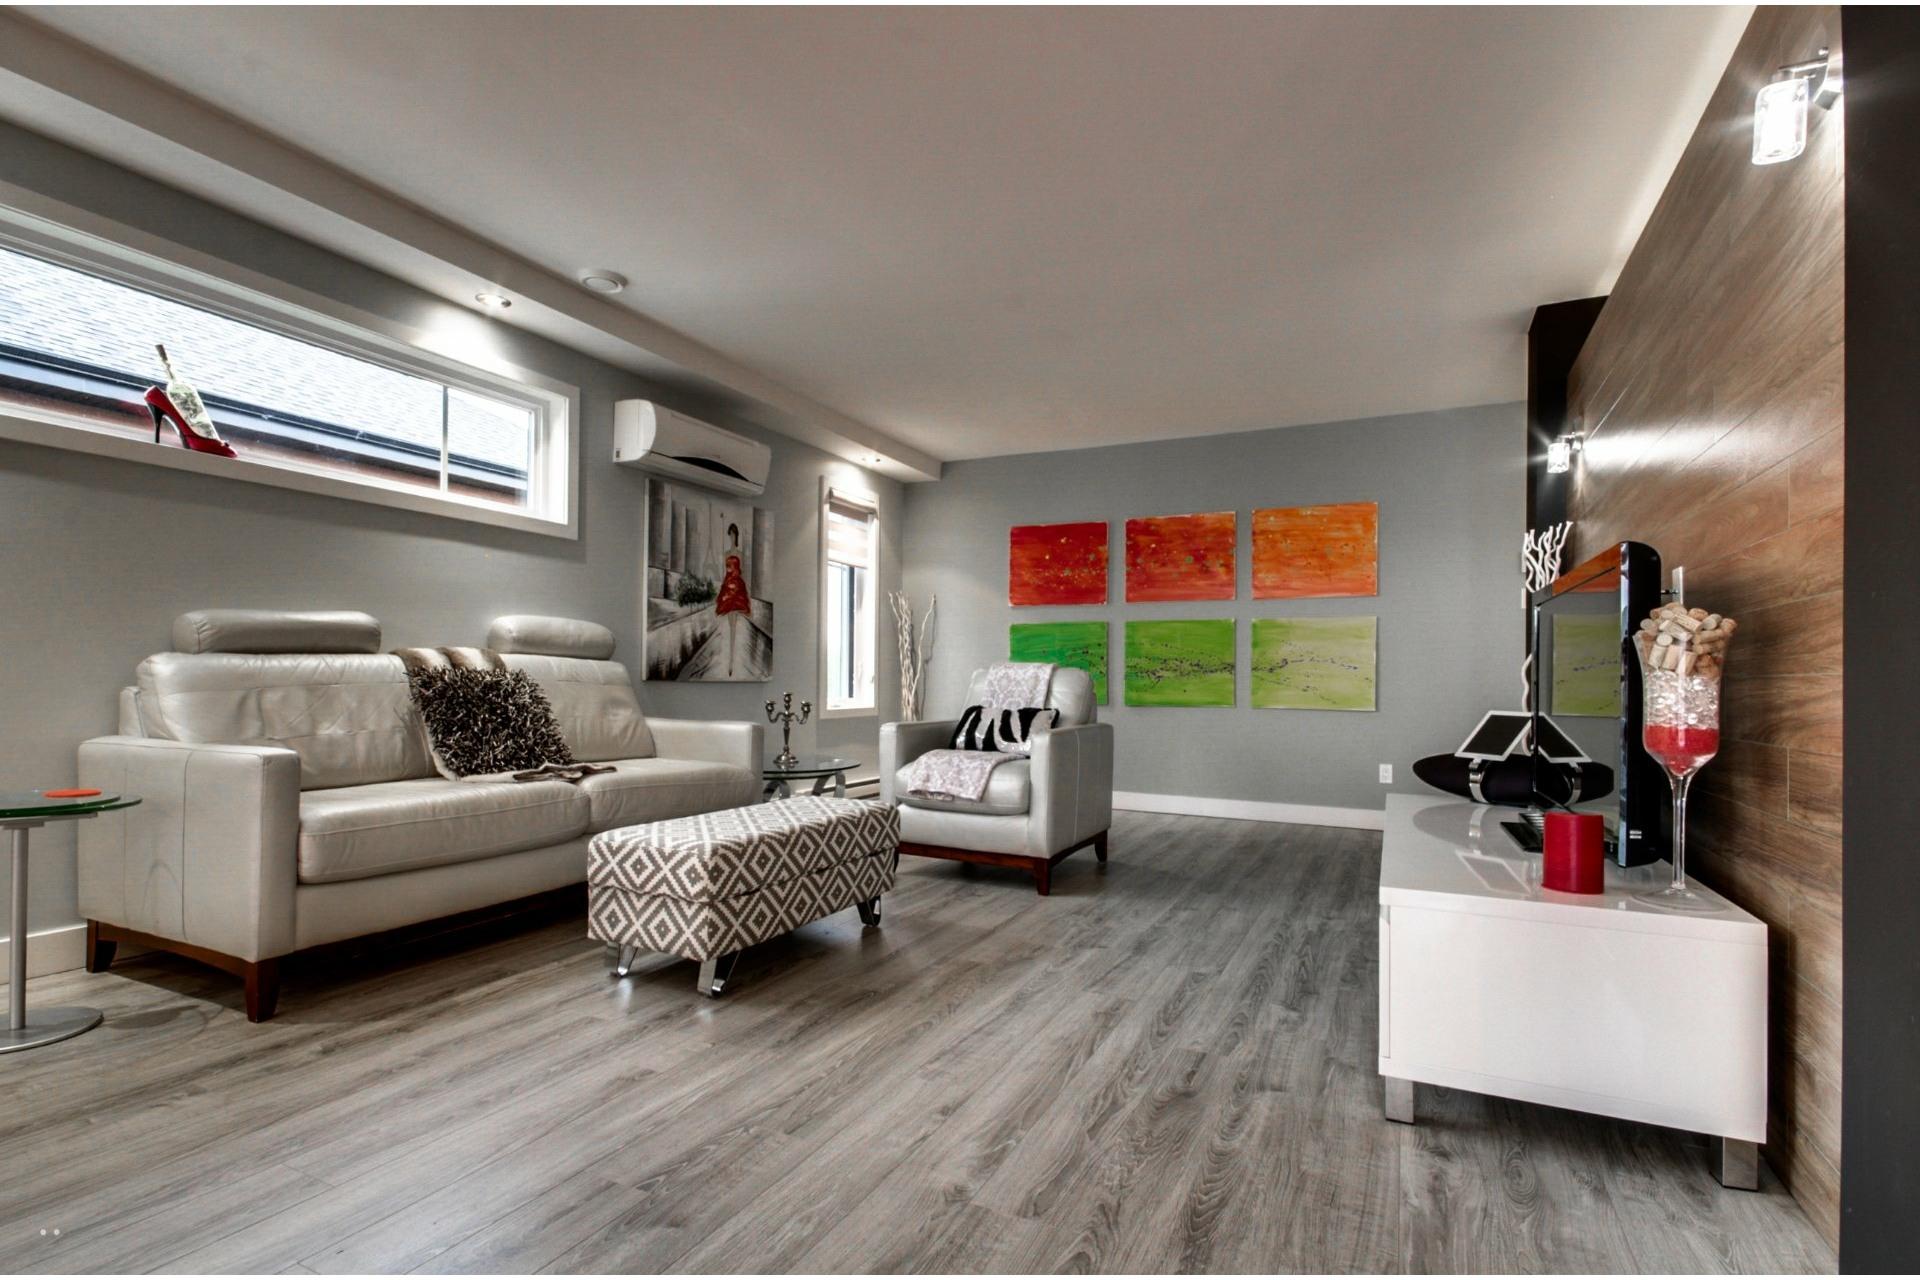 image 39 - Appartement À vendre Trois-Rivières - 7 pièces